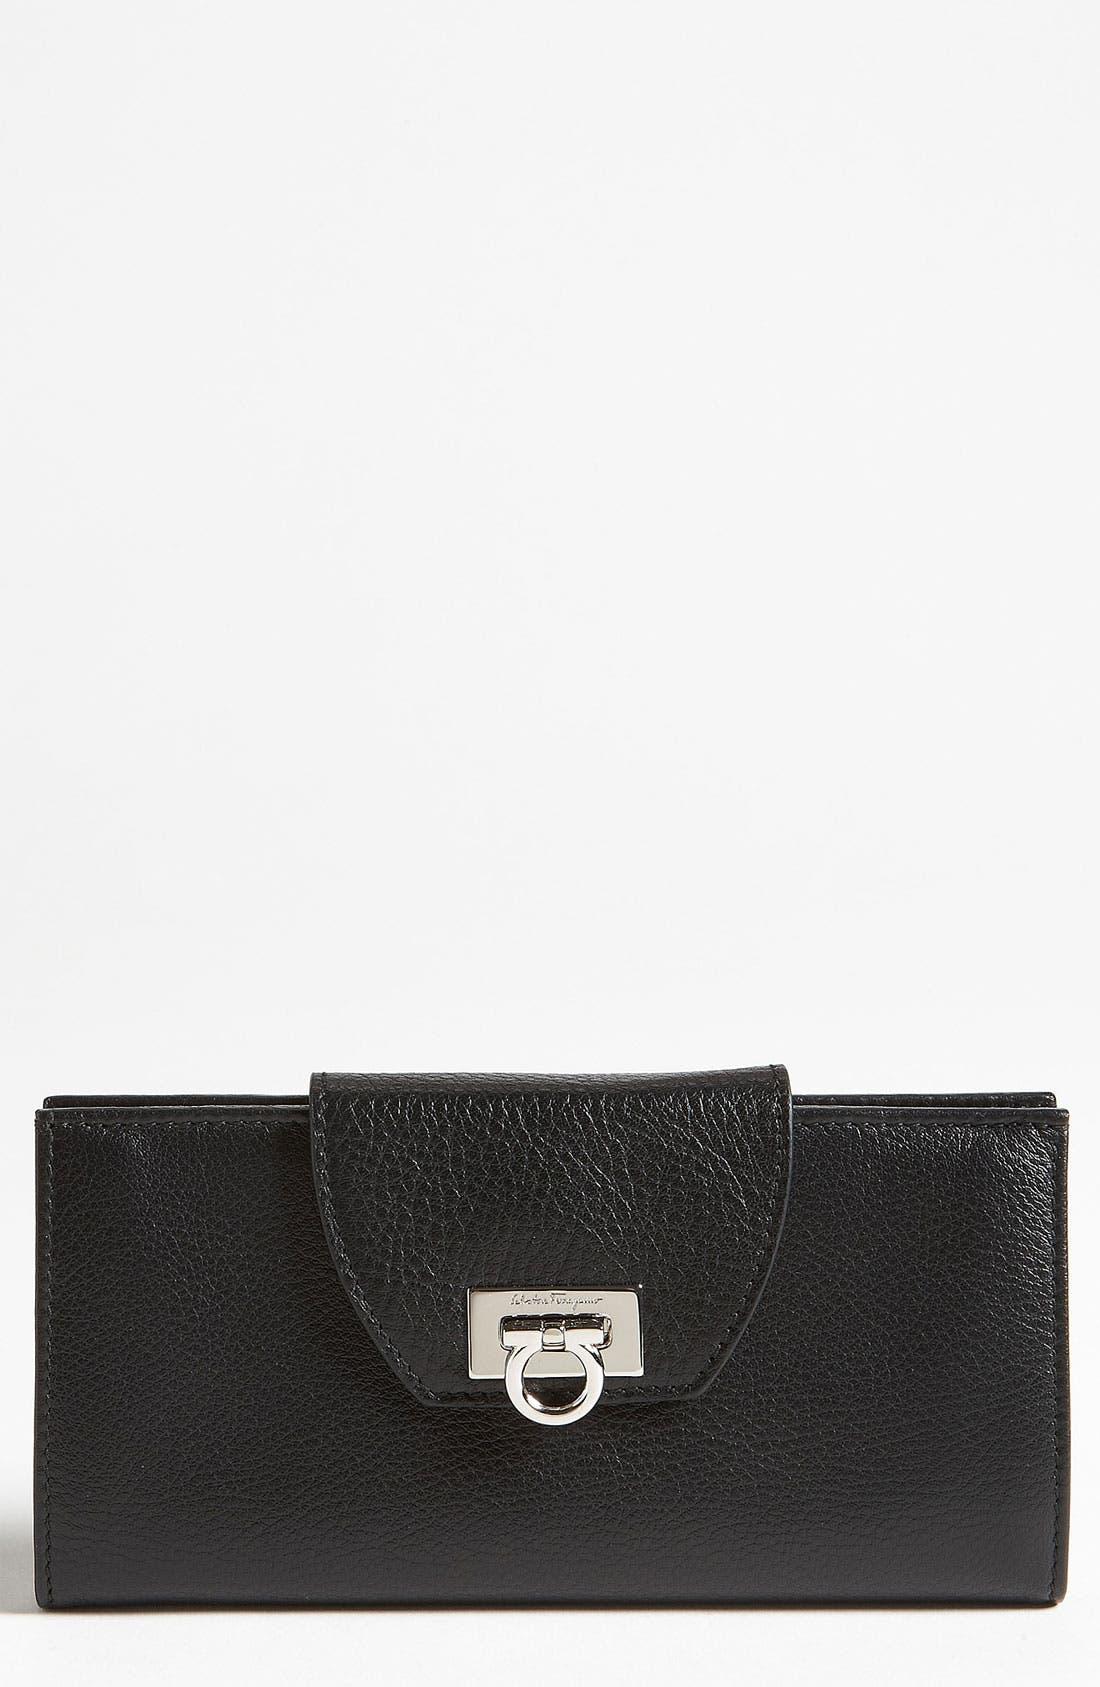 Alternate Image 1 Selected - Salvatore Ferragamo 'Vitello Safari' Continental Leather Wallet